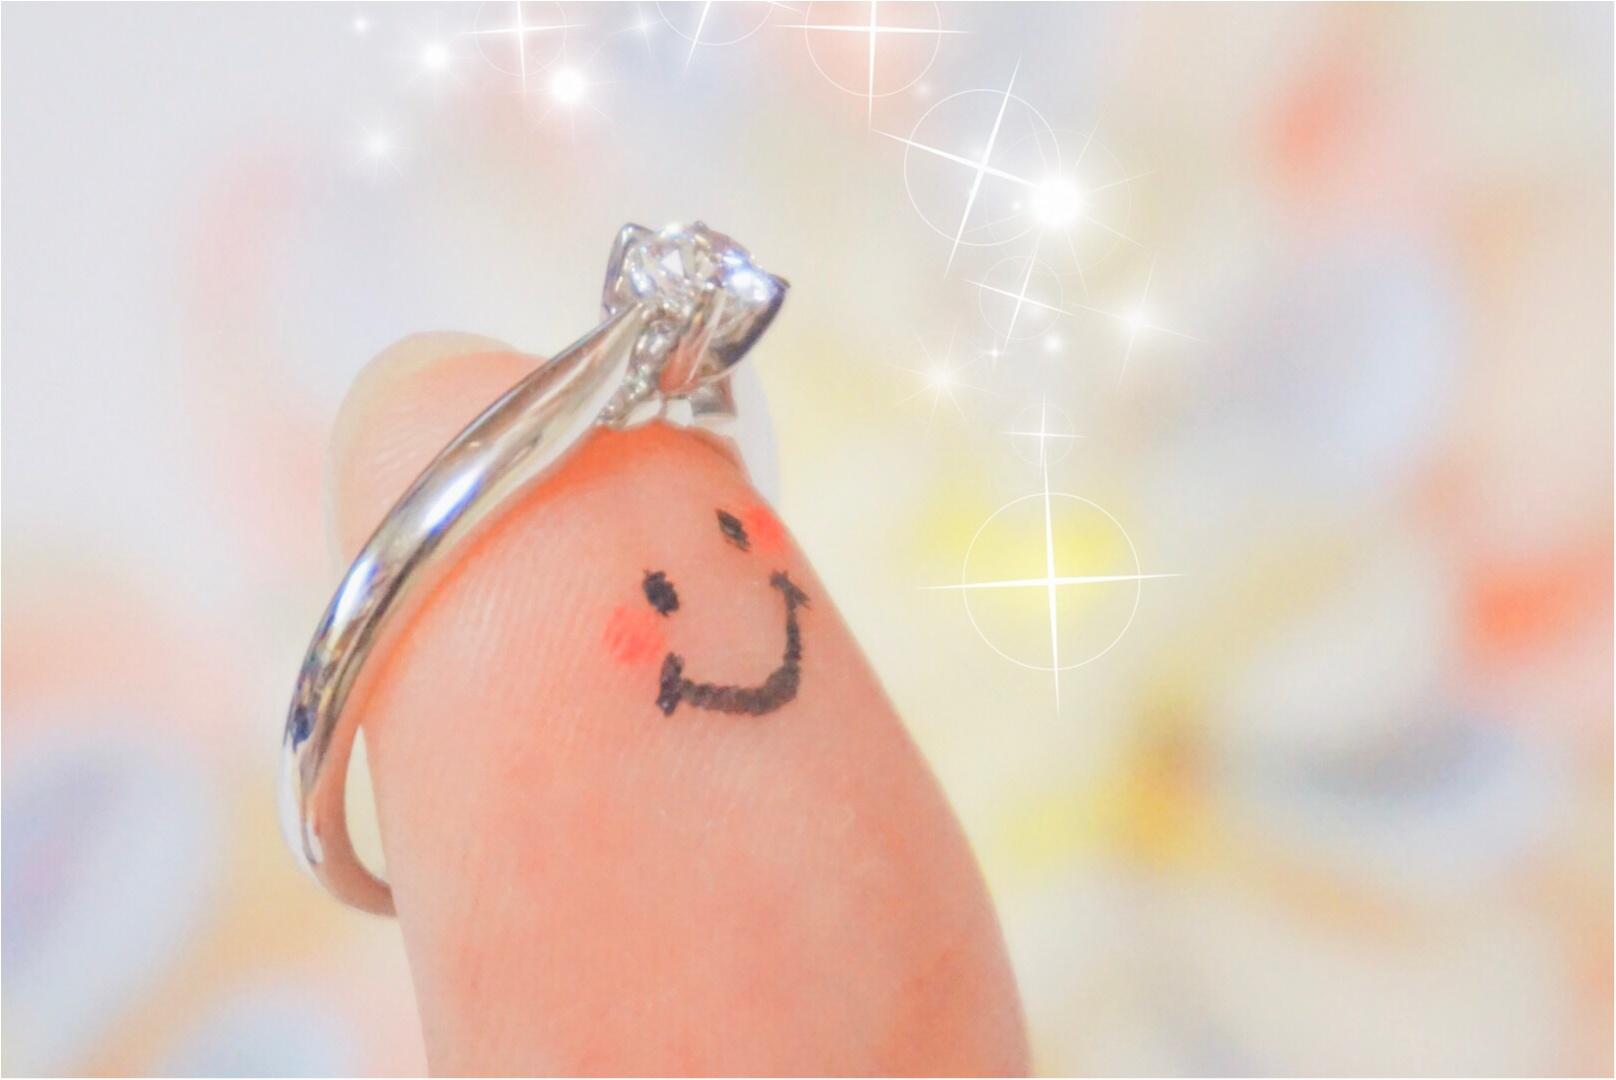 婚約指輪のおすすめブランド特集 - ティファニー、カルティエ、ディオールなどエンゲージリングまとめ_73